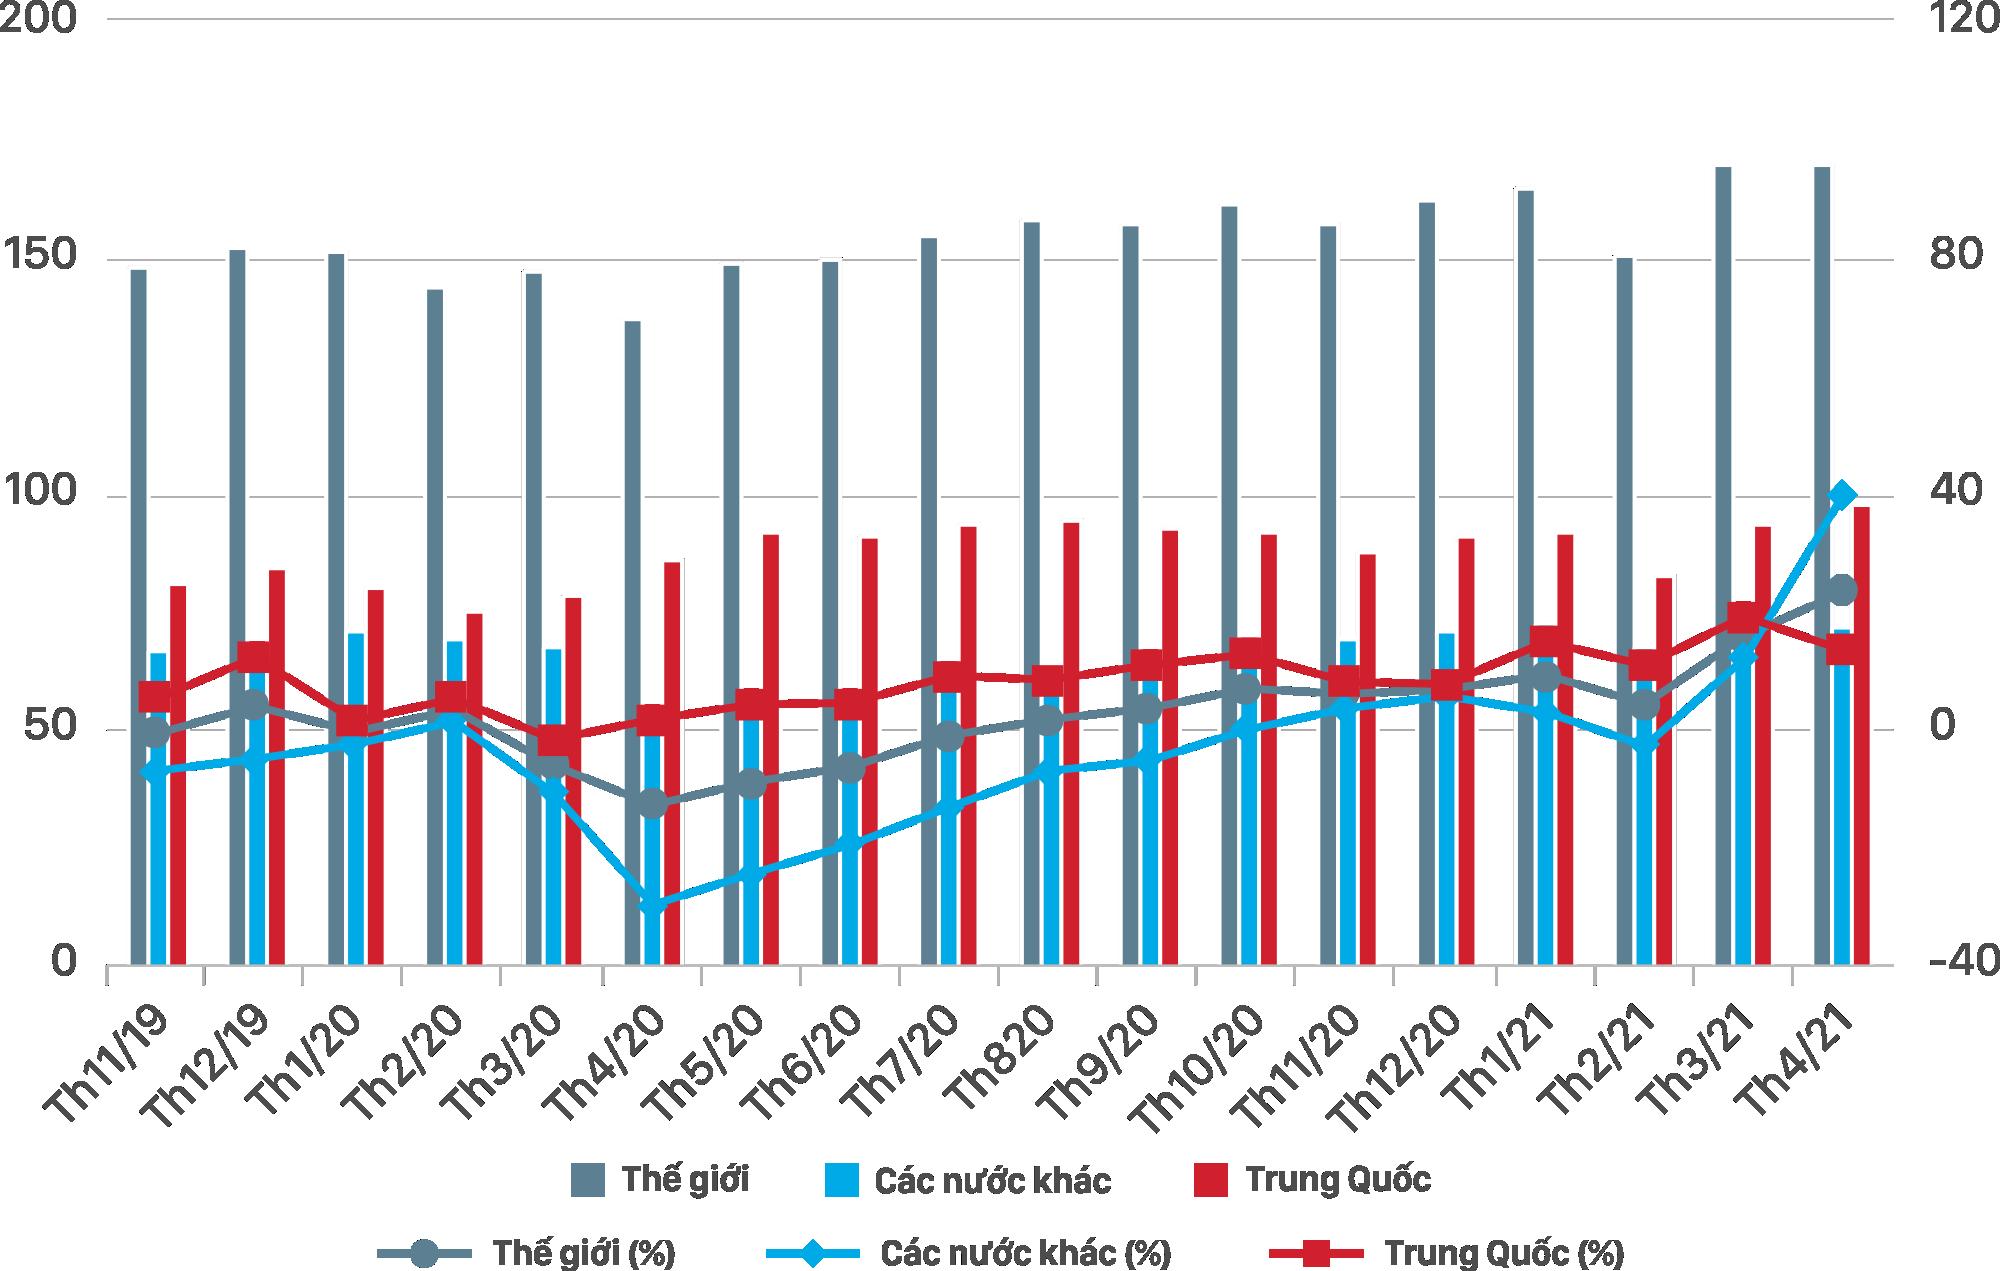 [Báo cáo] Thị trường thép tháng 5/2021: Sản lượng bán thép tiếp tục tăng mạnh - Ảnh 1.